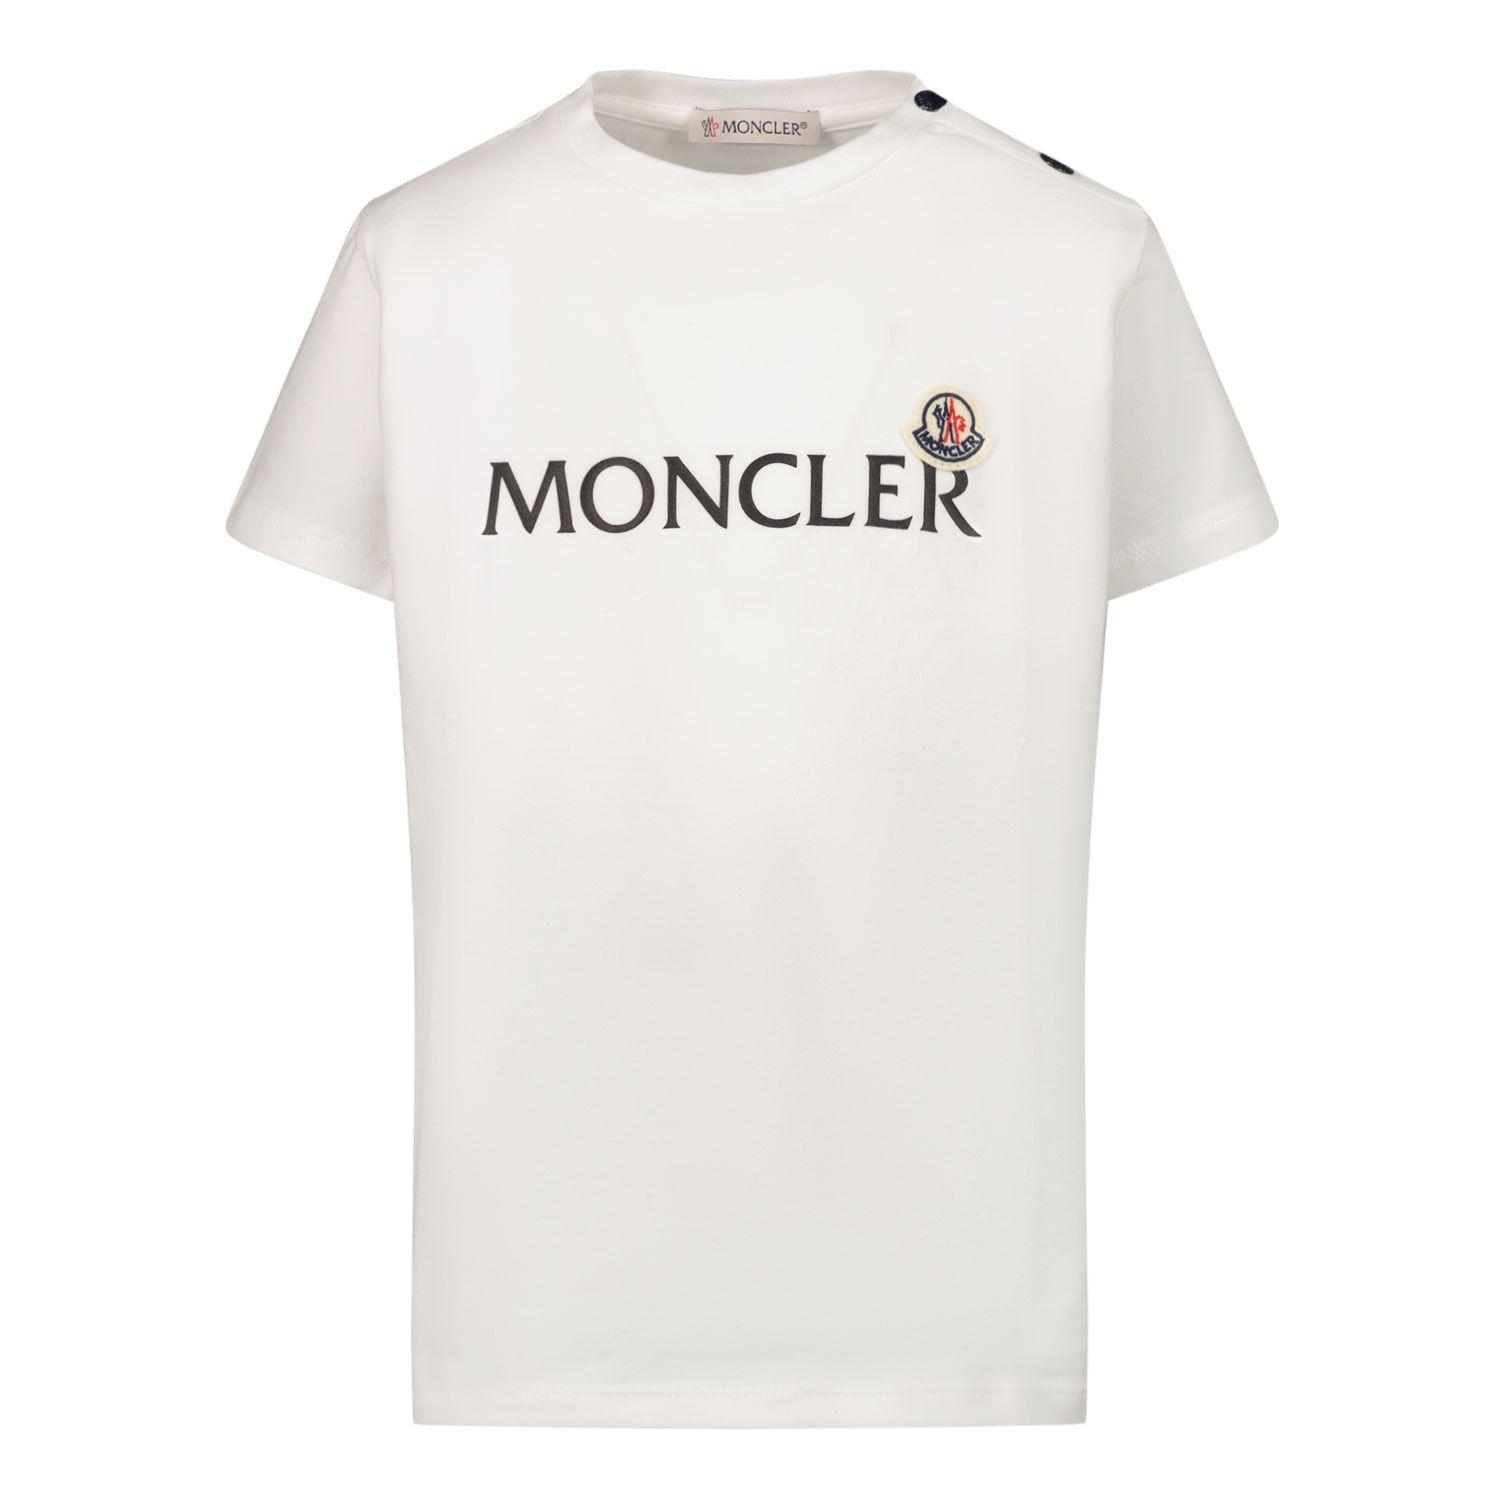 Afbeelding van Moncler 8C73820 baby t-shirt wit